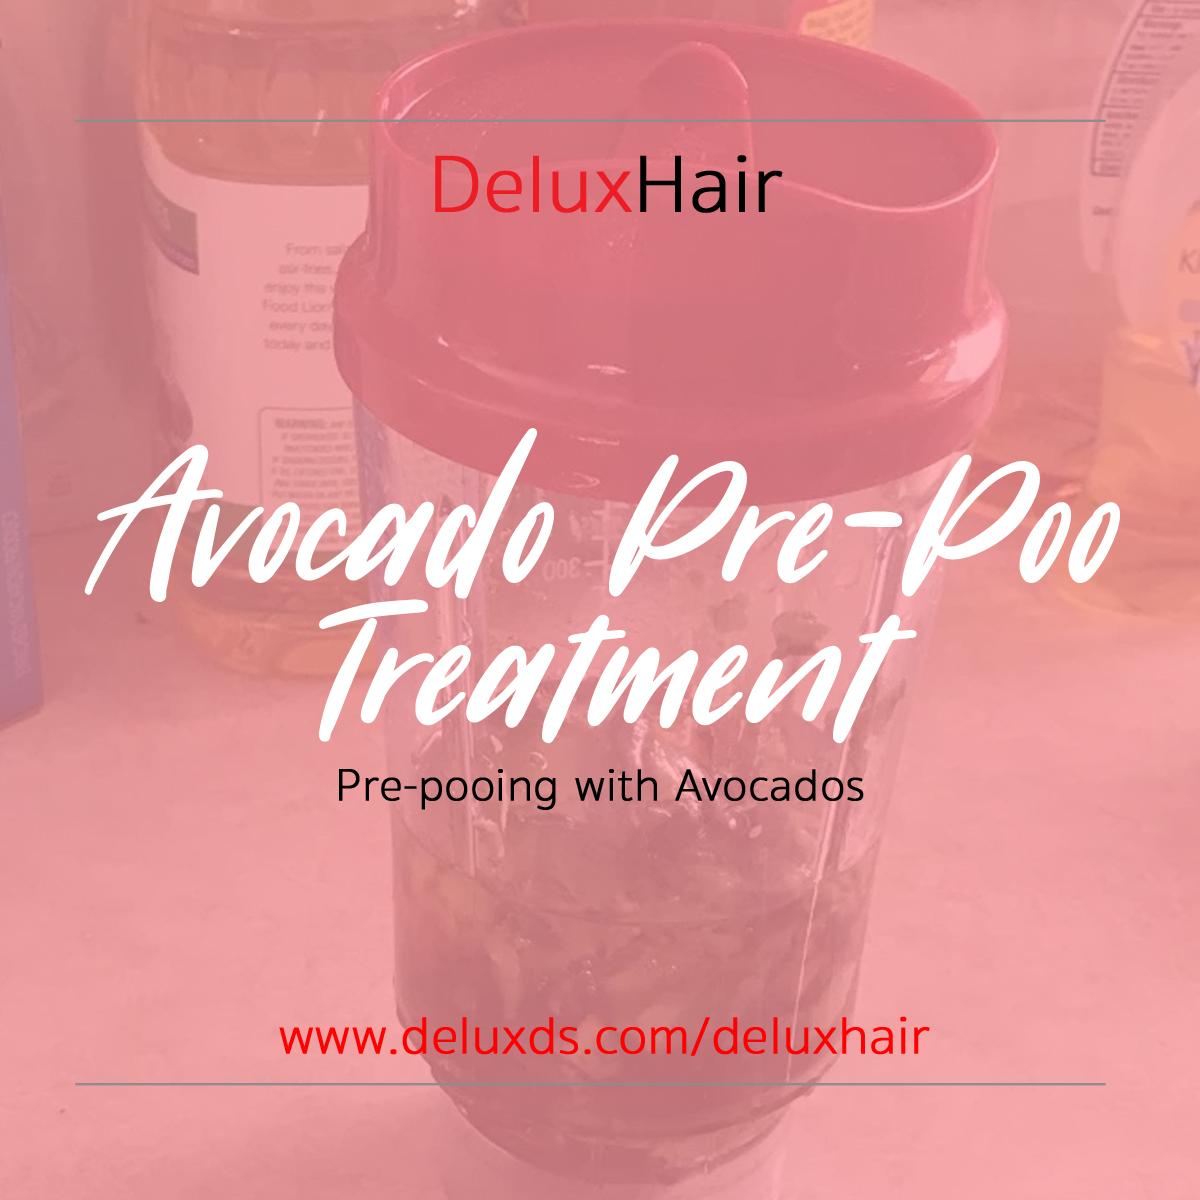 DeluxHair - Avocado Pre-Poo Treatment